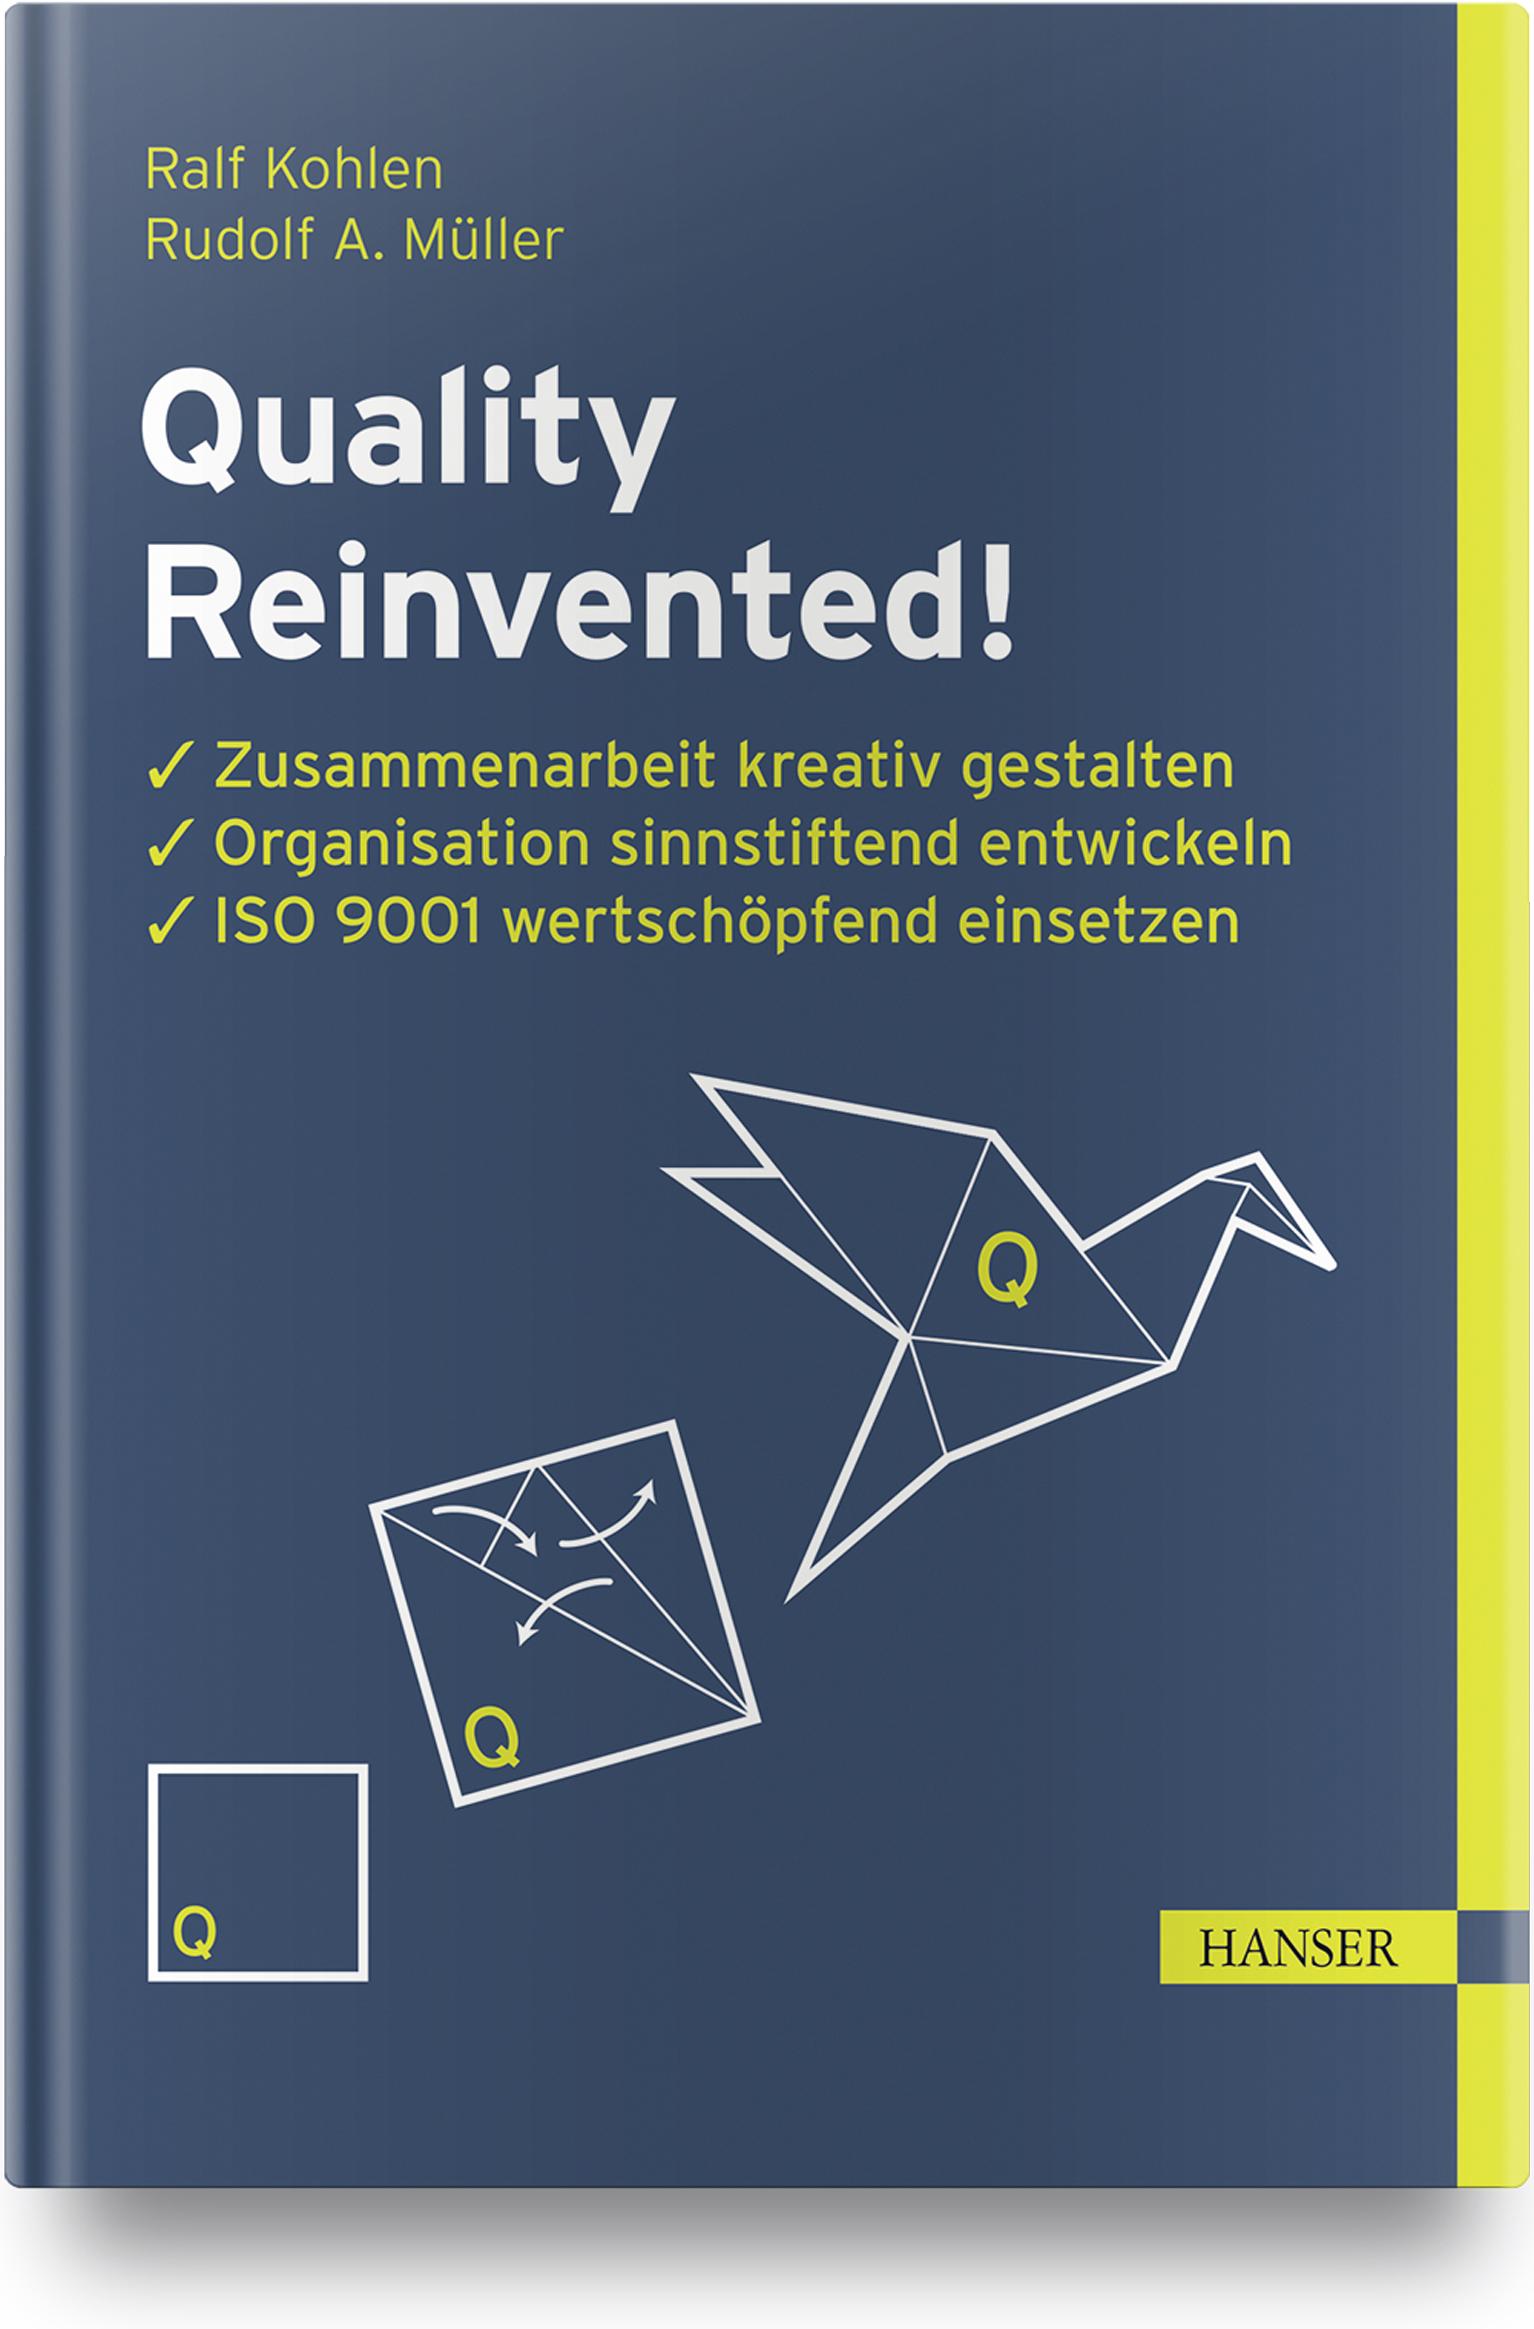 Kohlen, Müller, Quality Reinvented!, 978-3-446-46411-7